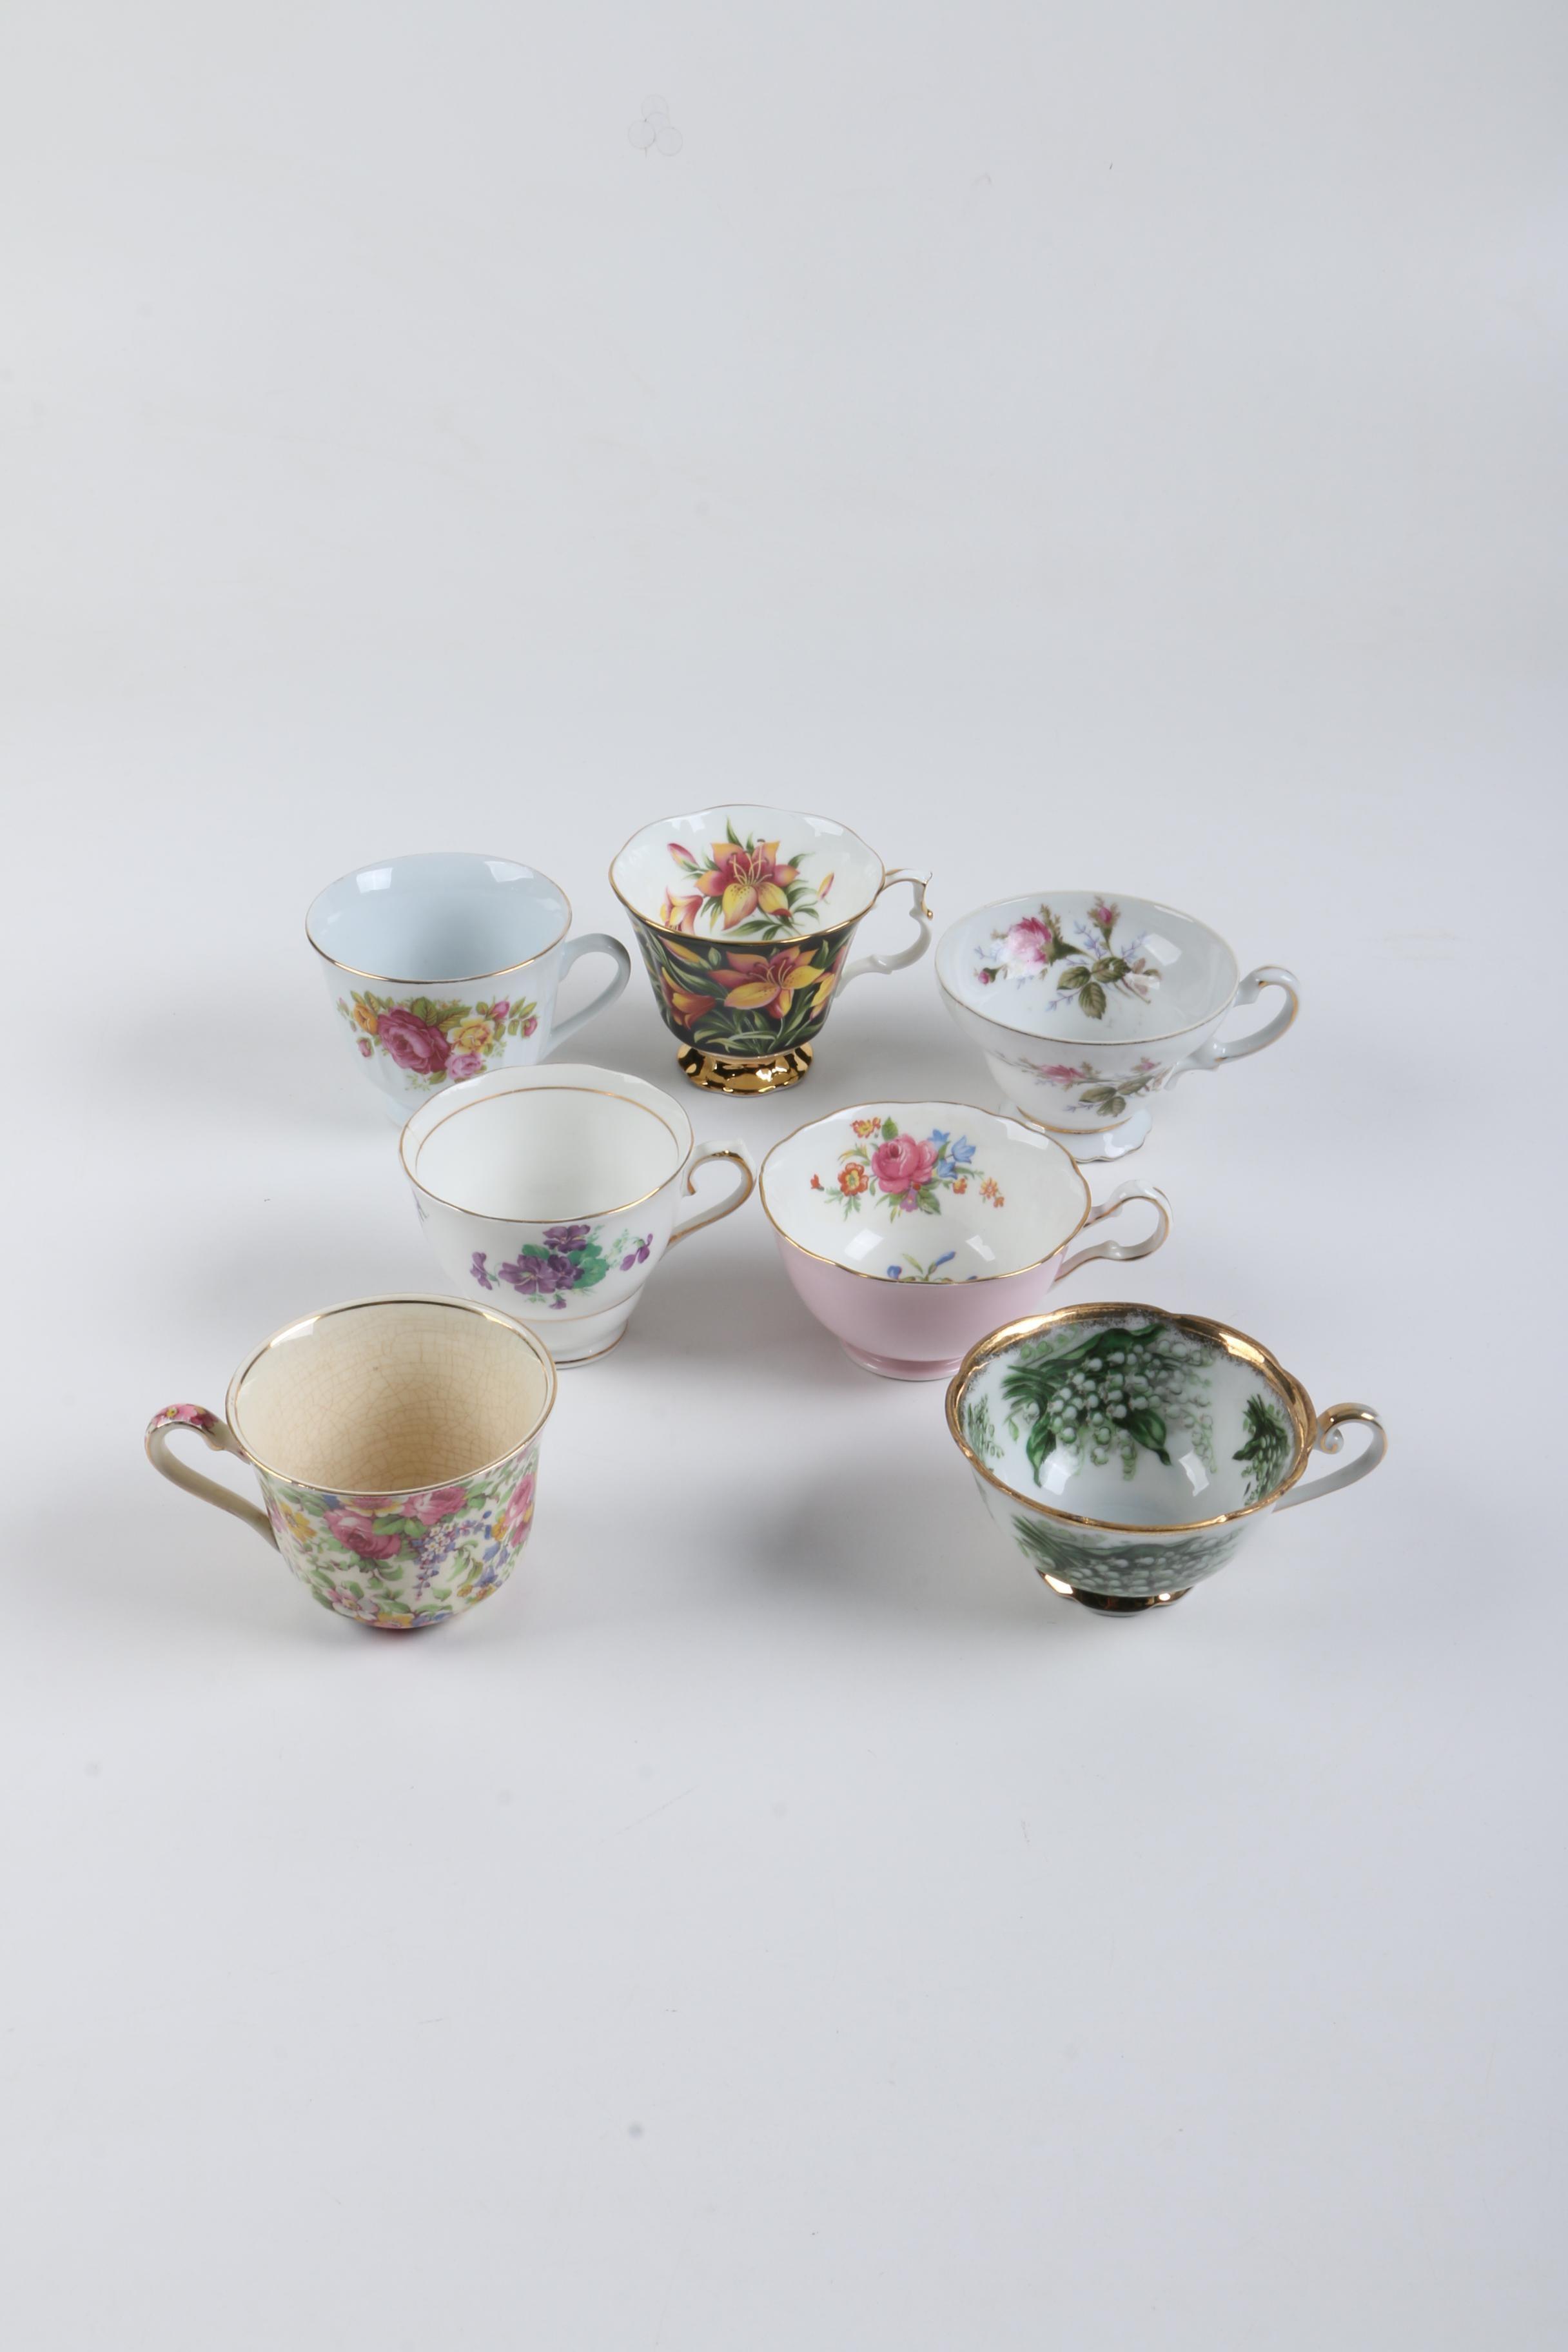 Vintage Porcelain Teacups Including Royal Grafton